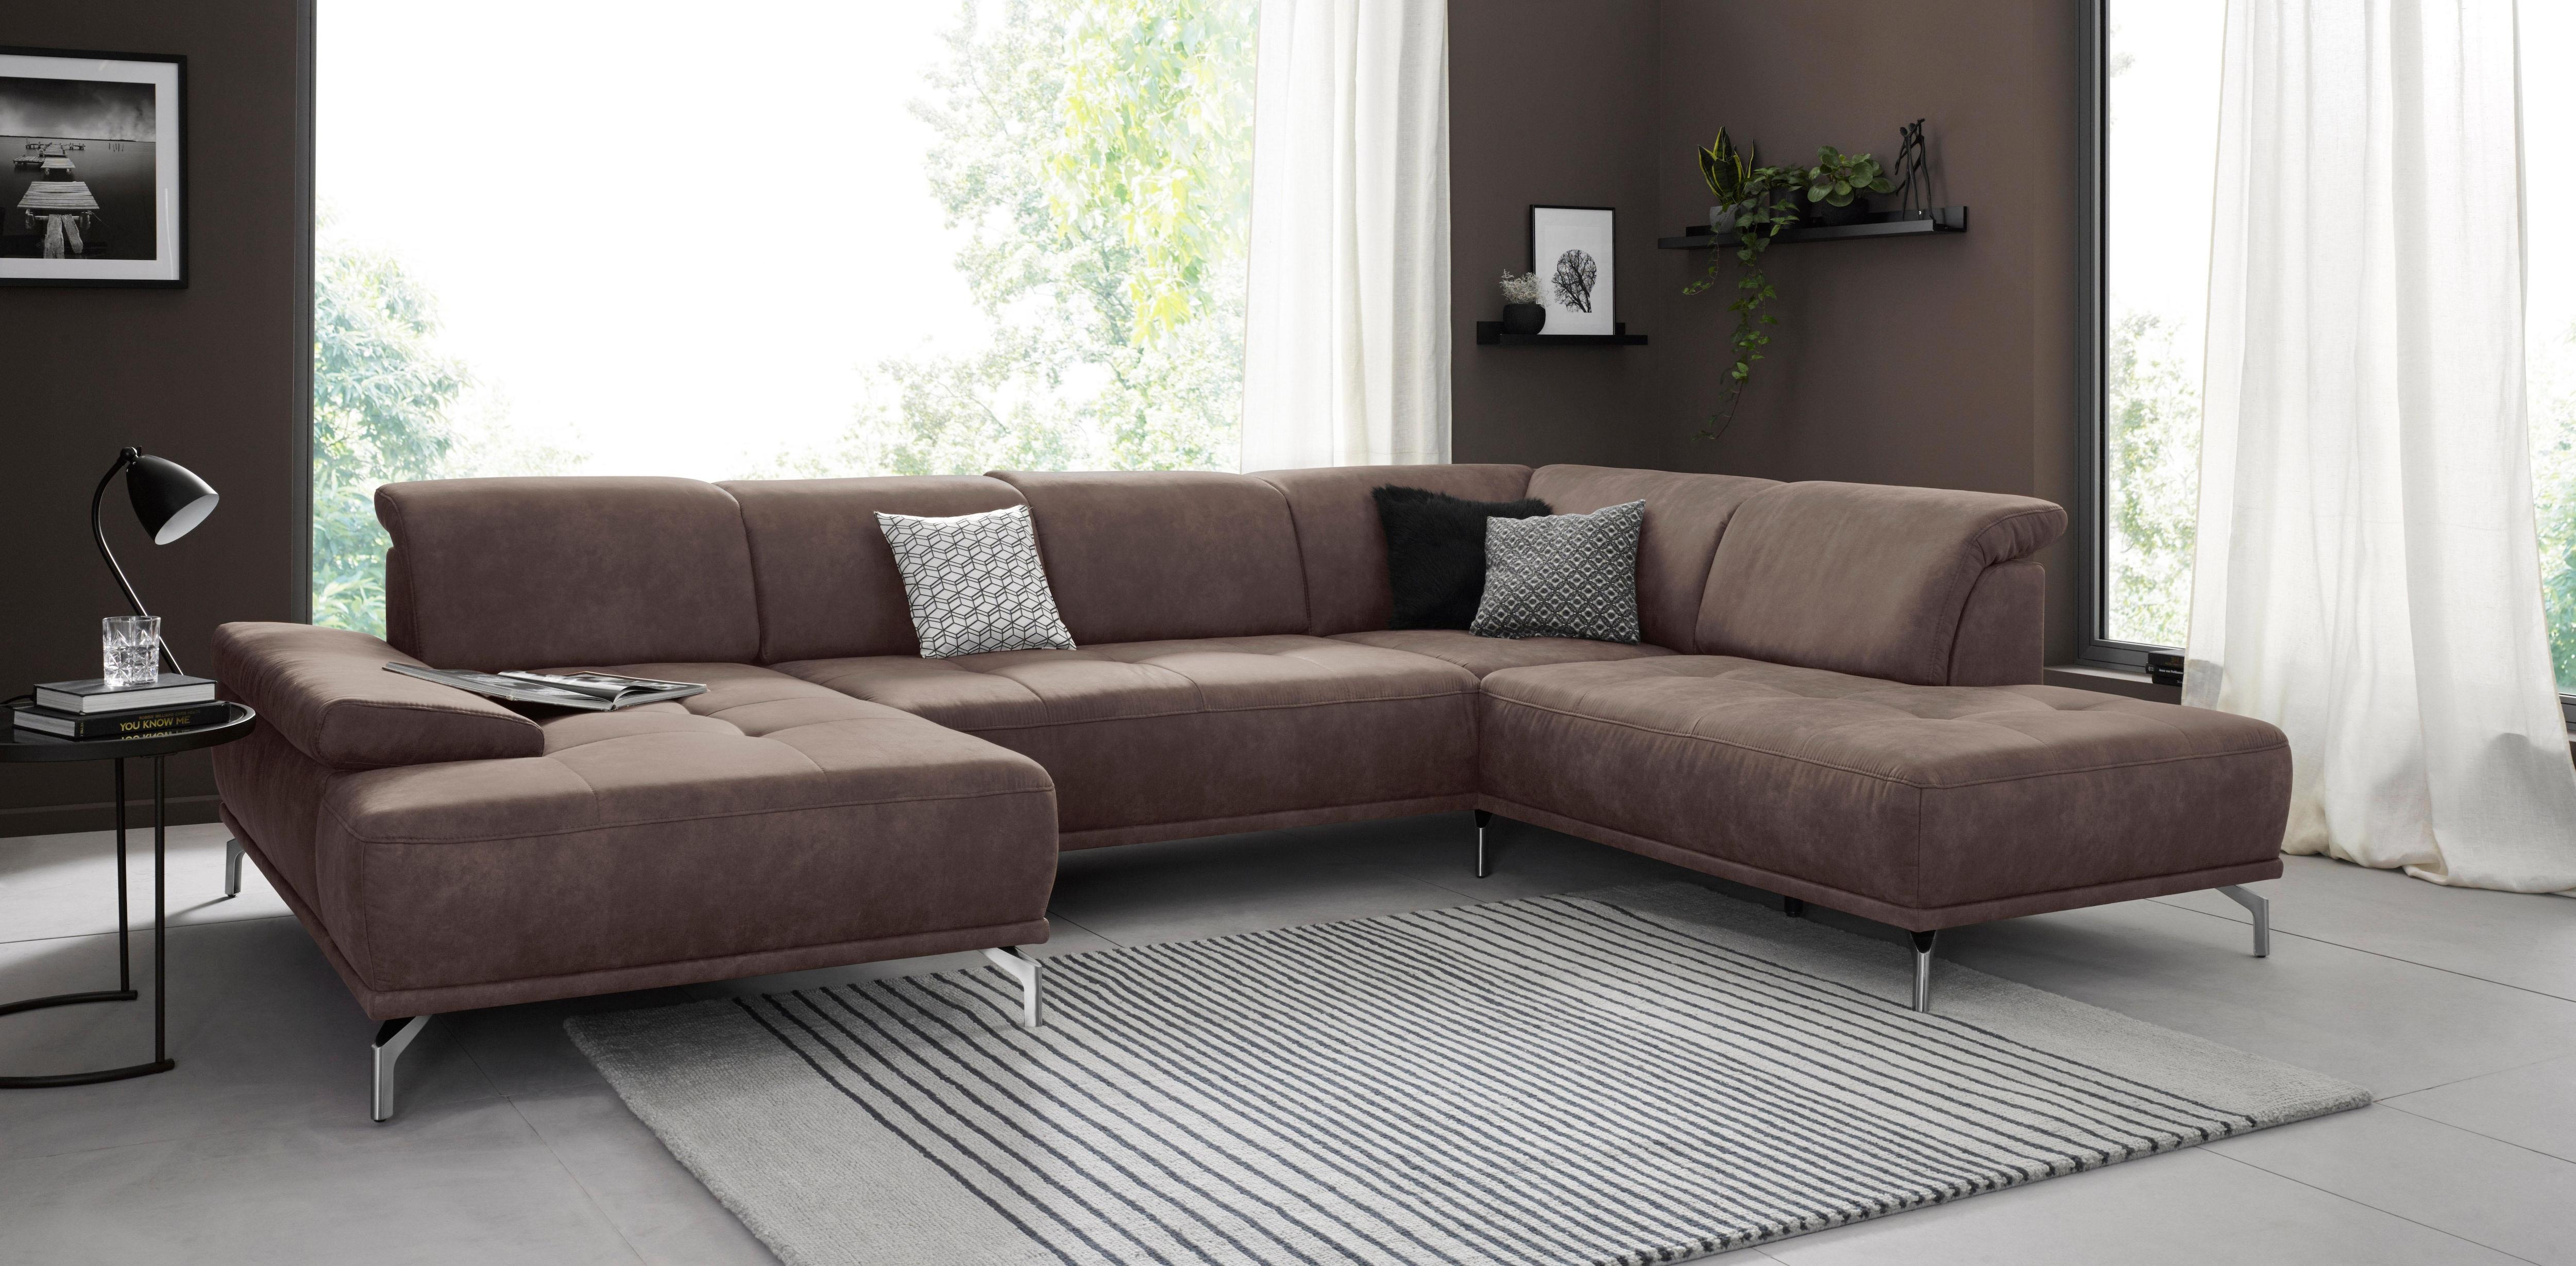 Möbel und Accessoires fürs Wohnzimmer online kaufen | Möbel ...